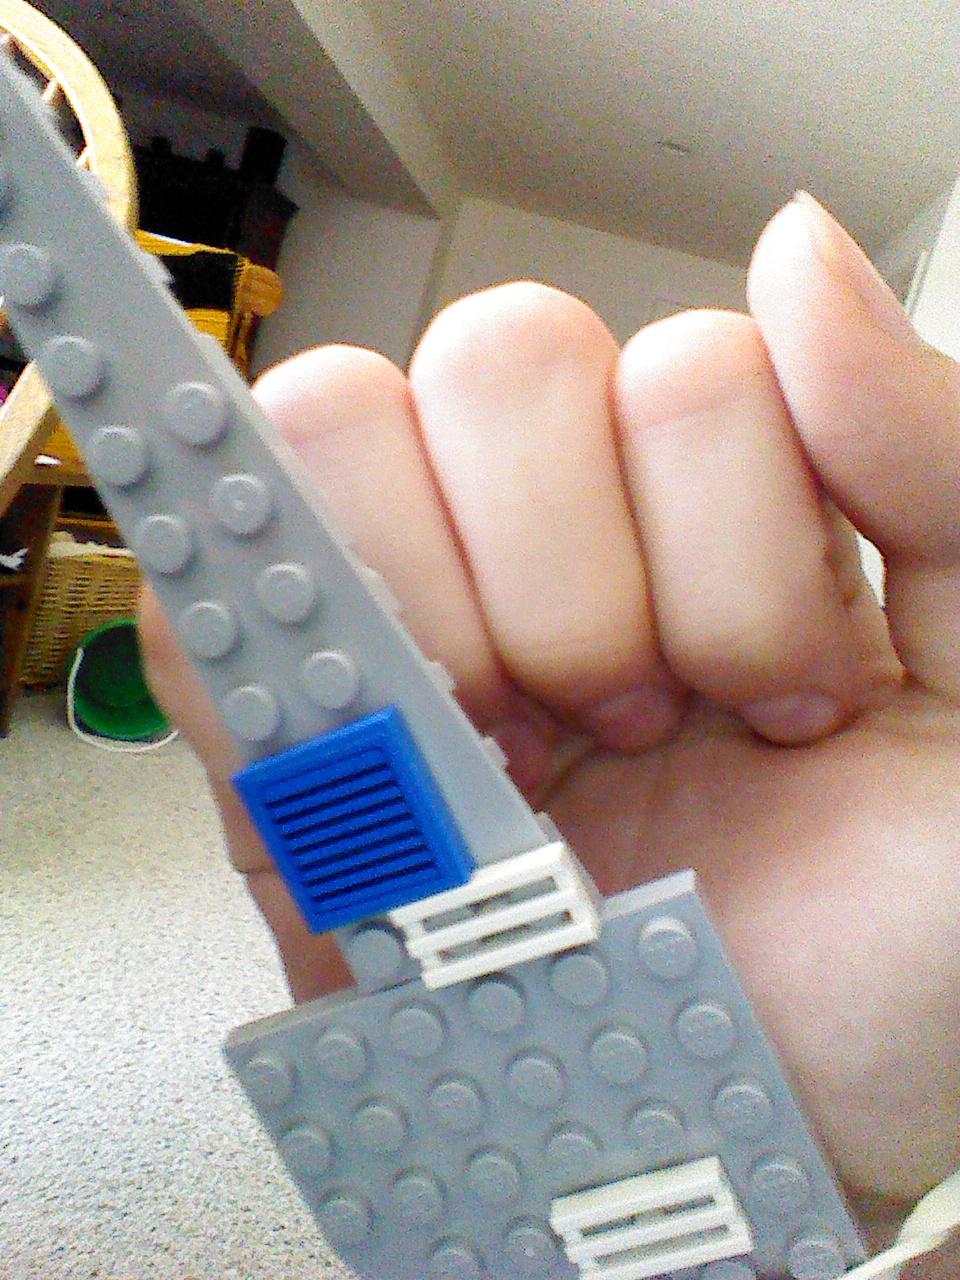 lego assassins creed hidden blade